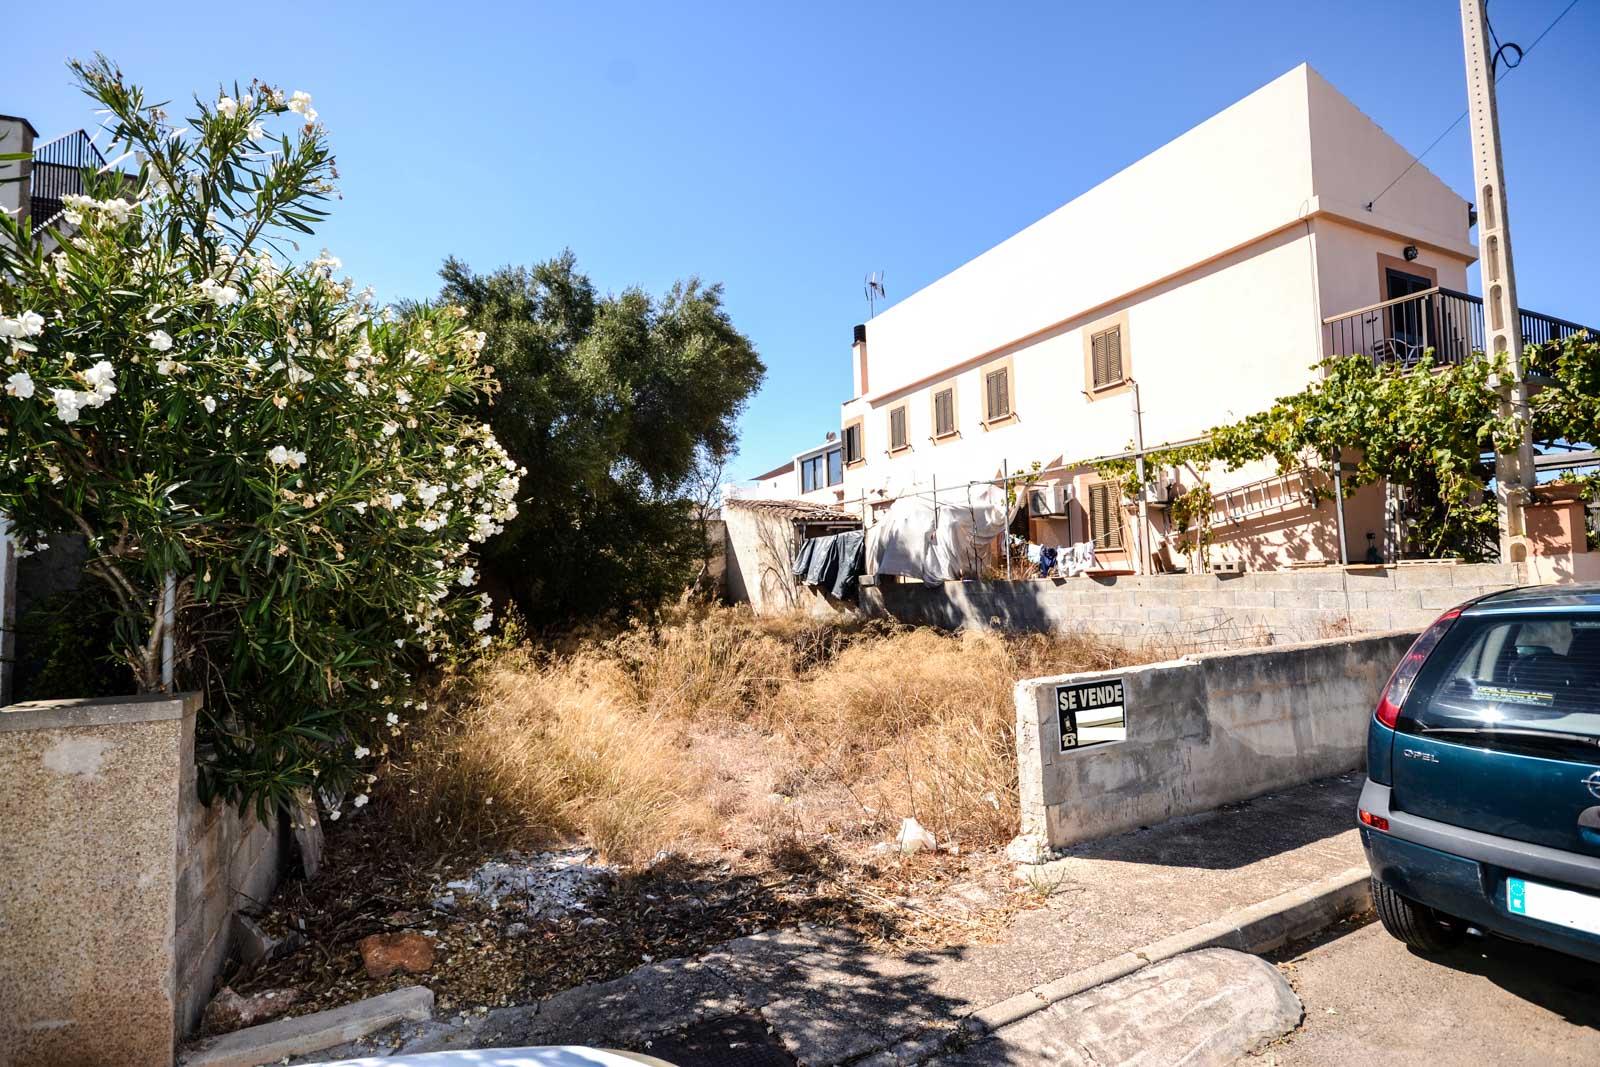 Baugrunstück 400 Meter von der Küste entfernt in Sa Ràpita